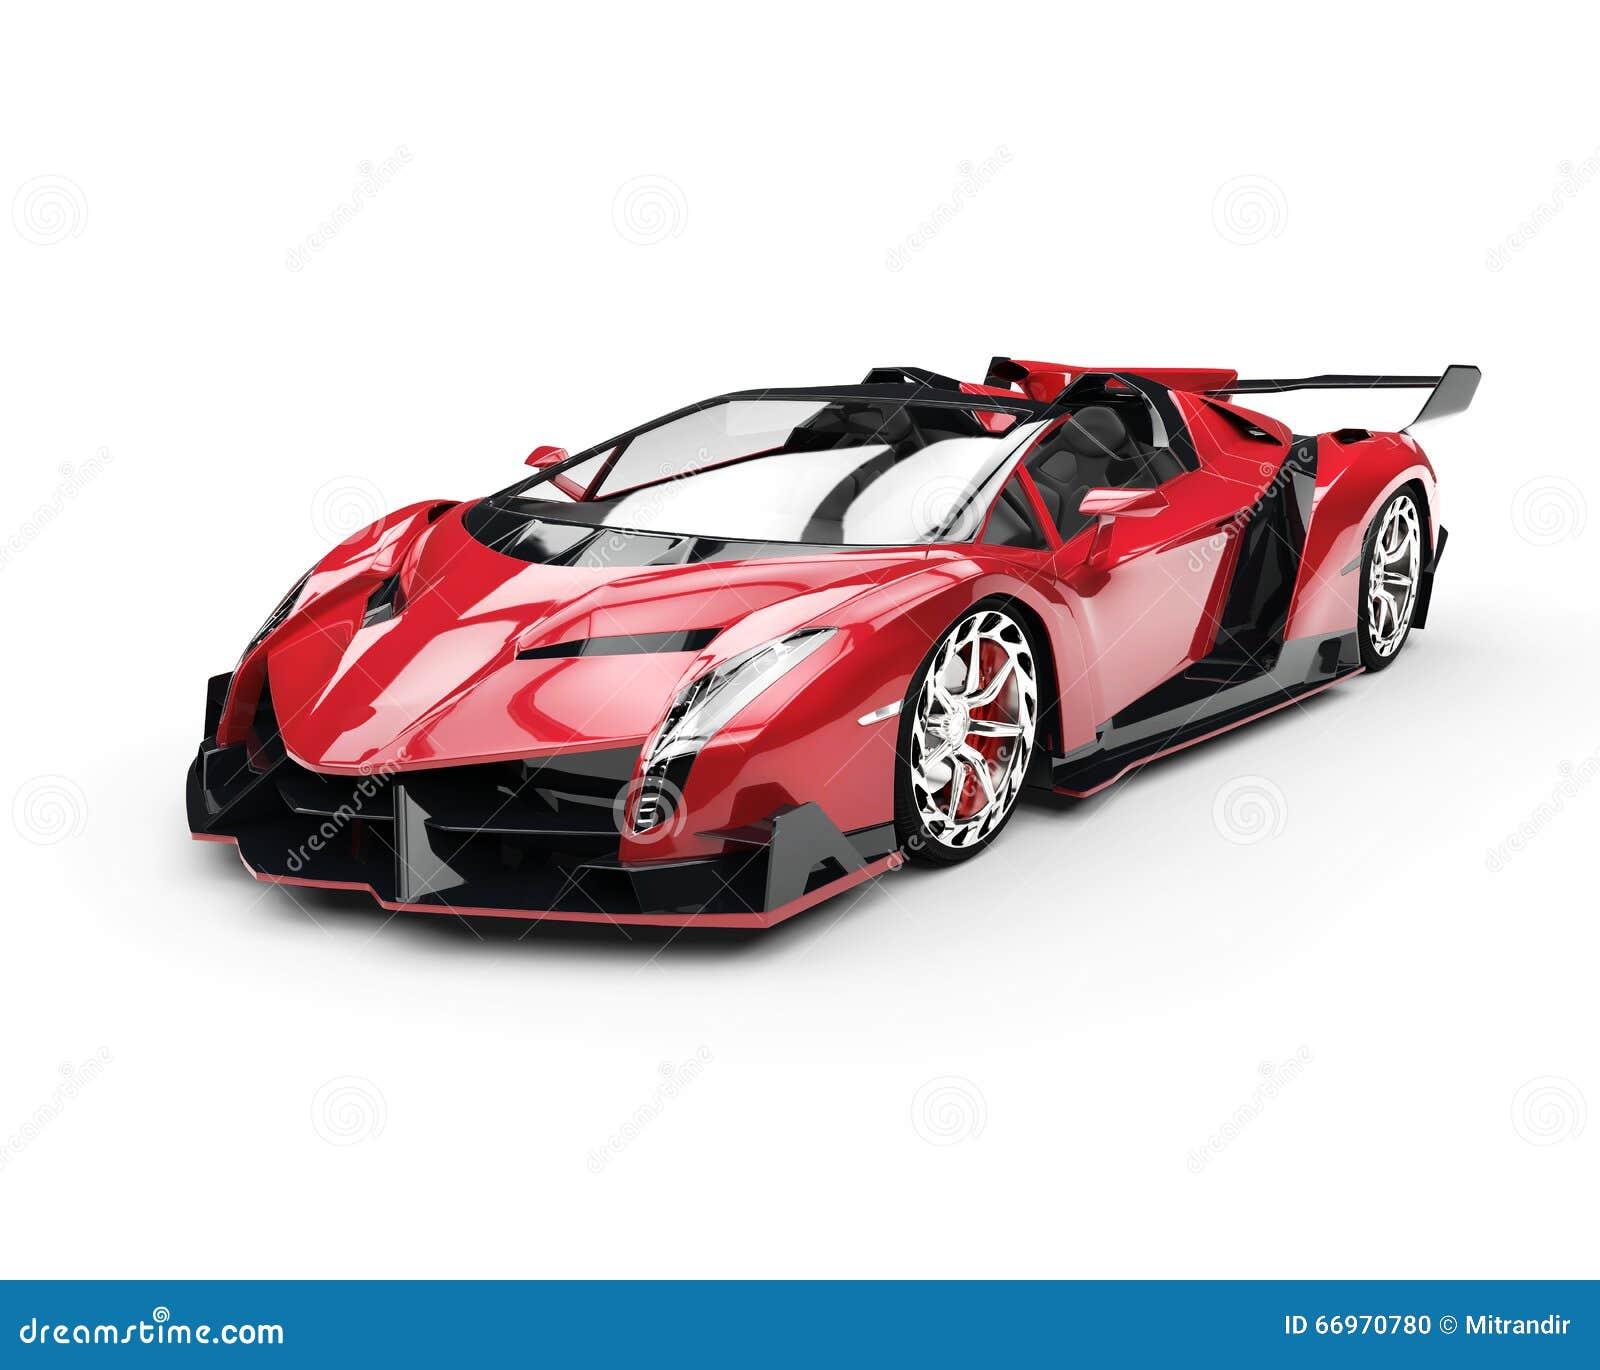 Racecar Stock Illustrations – 1,045 Racecar Stock ...